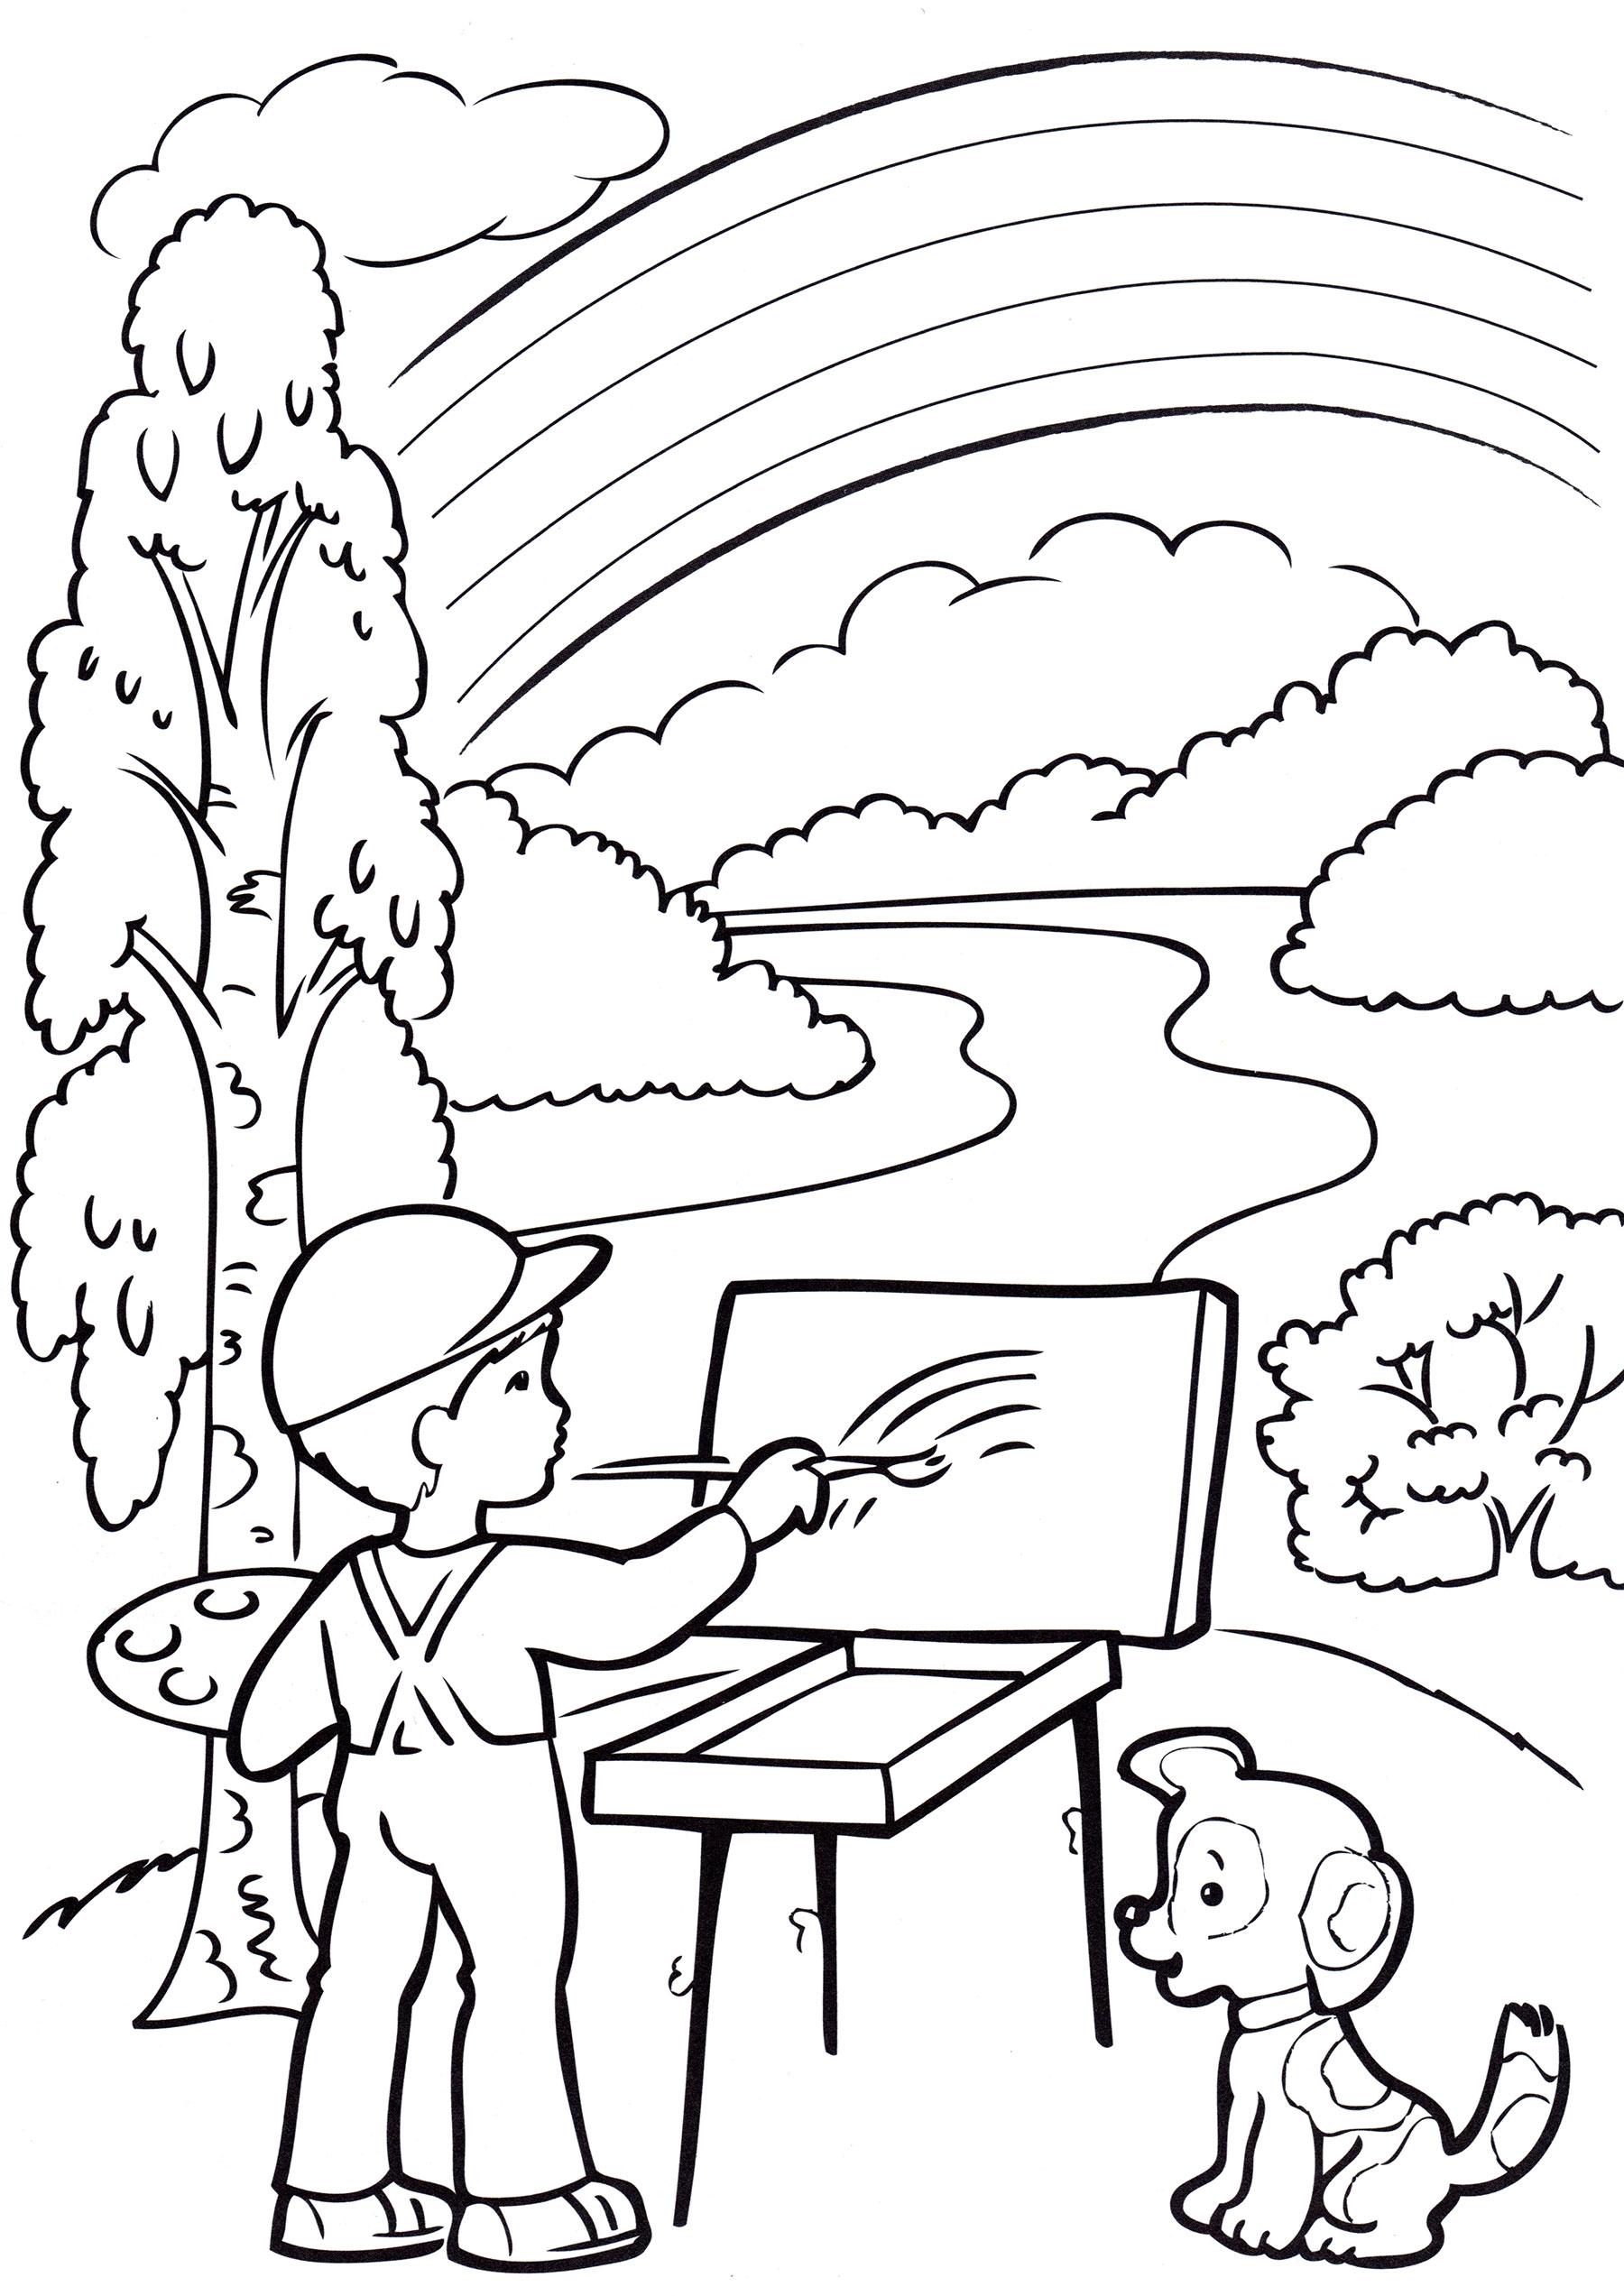 Раскраска Летний пейзаж - распечатать бесплатно